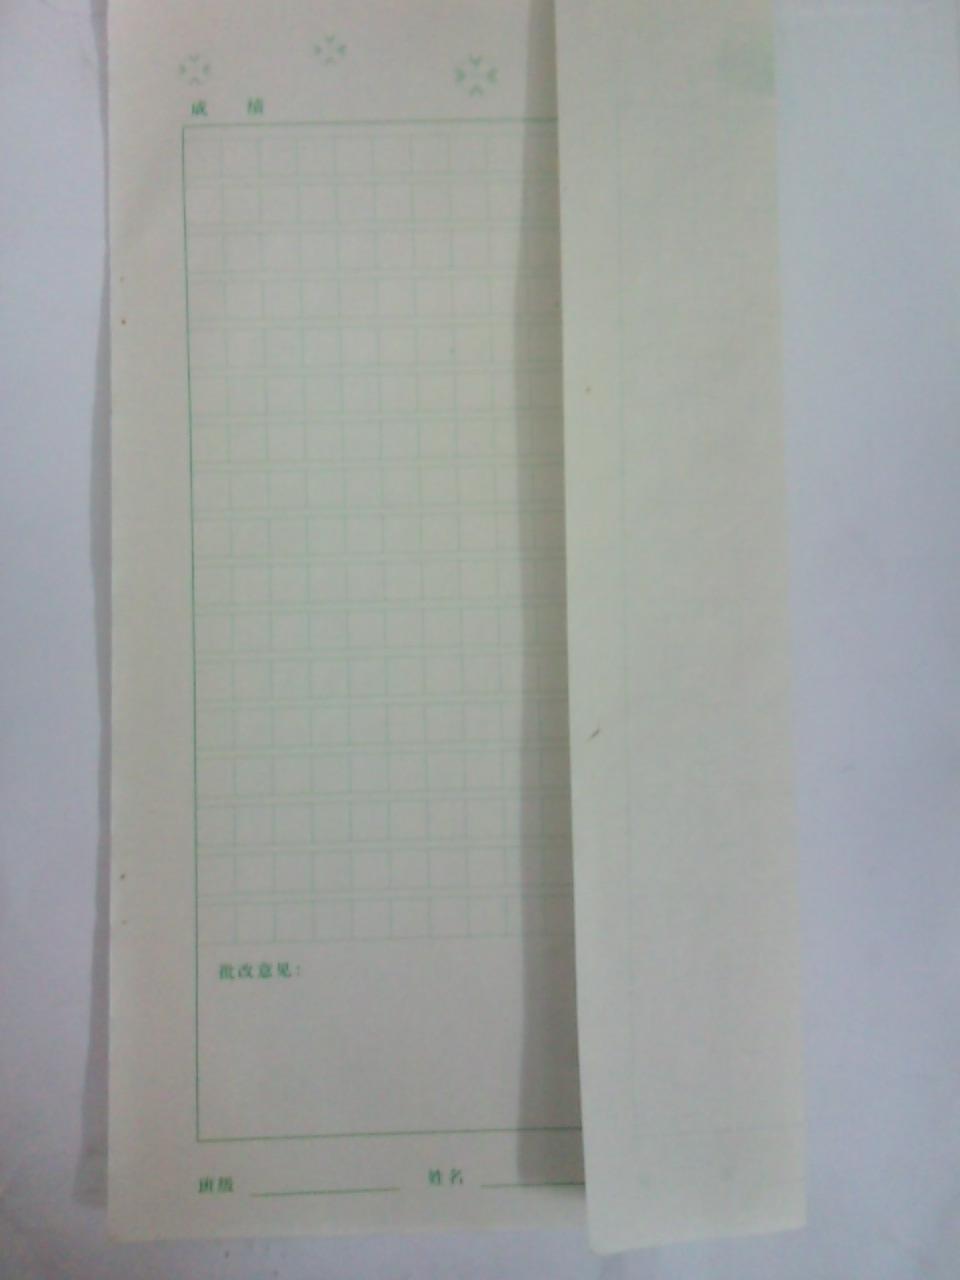 我这种折叠信纸的方式叫什么名字?